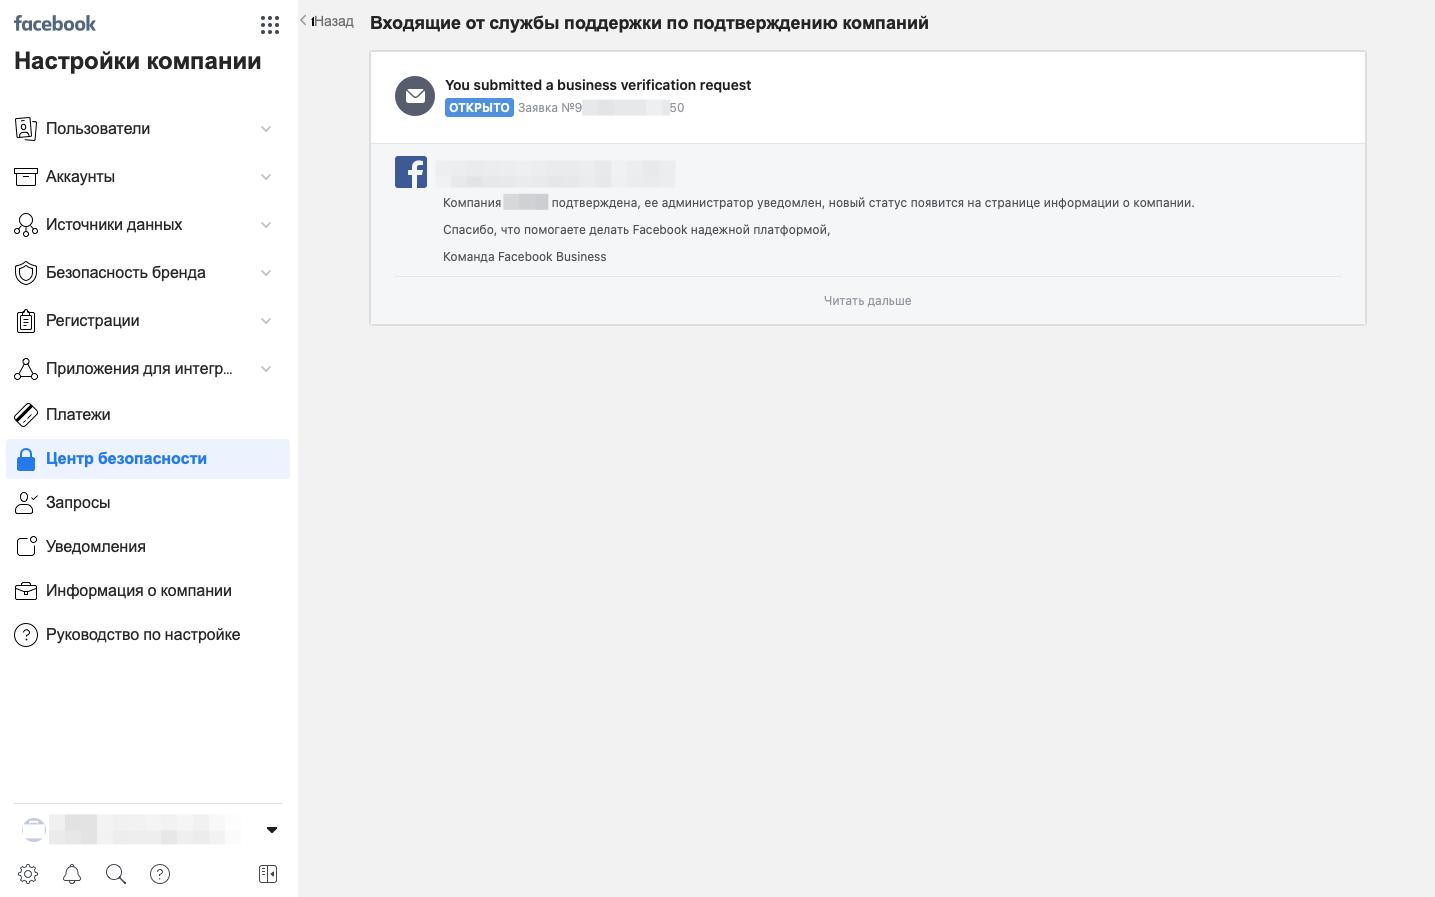 Сообщение в Facebook Business Manager, что компания успешно подтверждена.